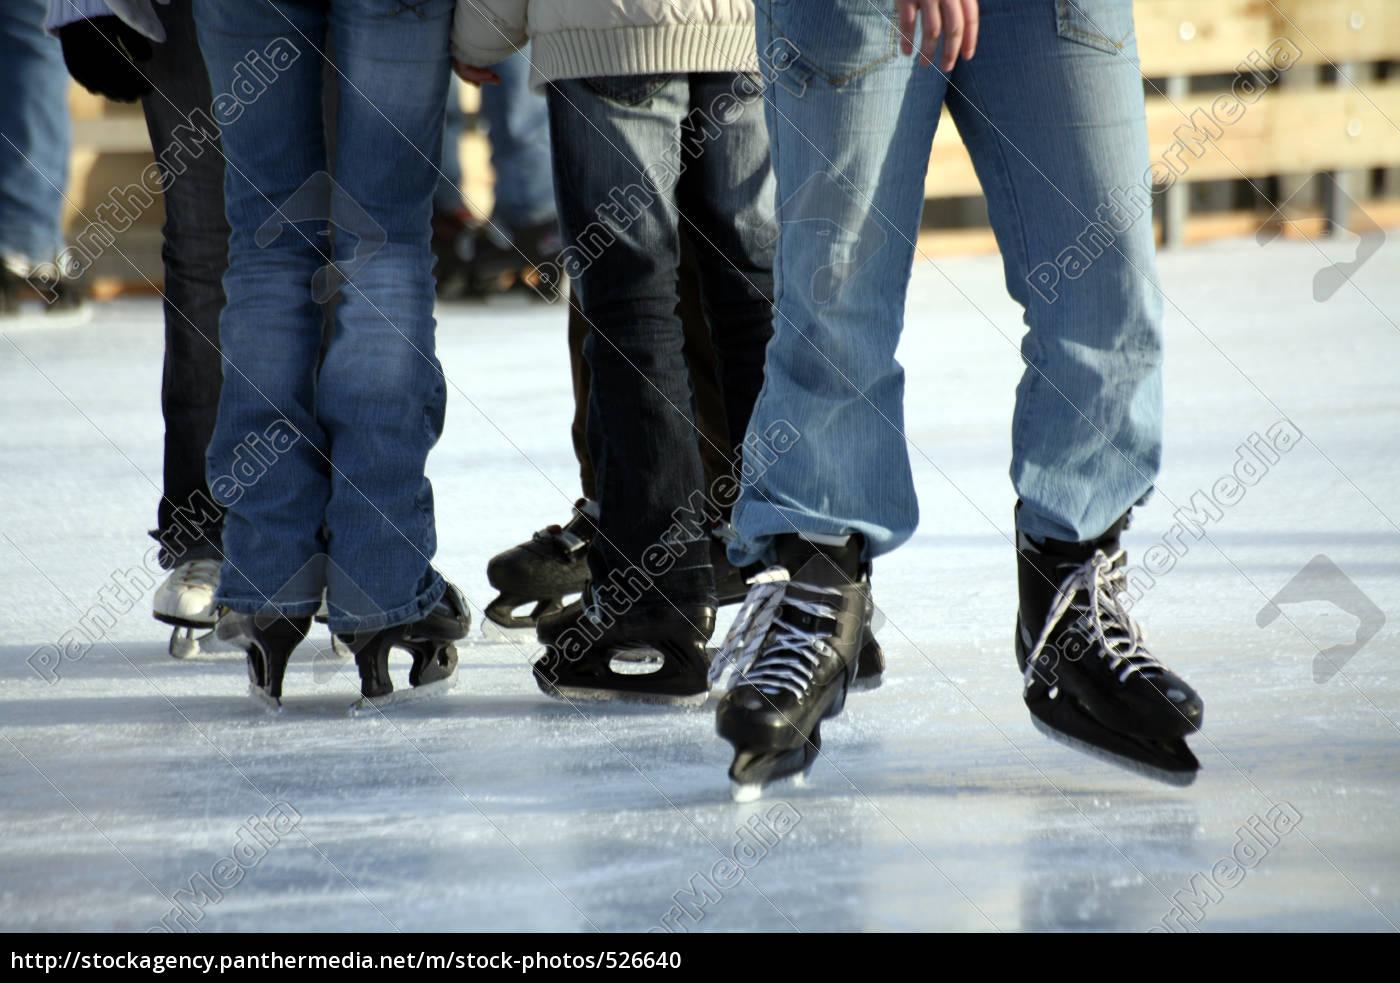 ice, pleasure - 526640